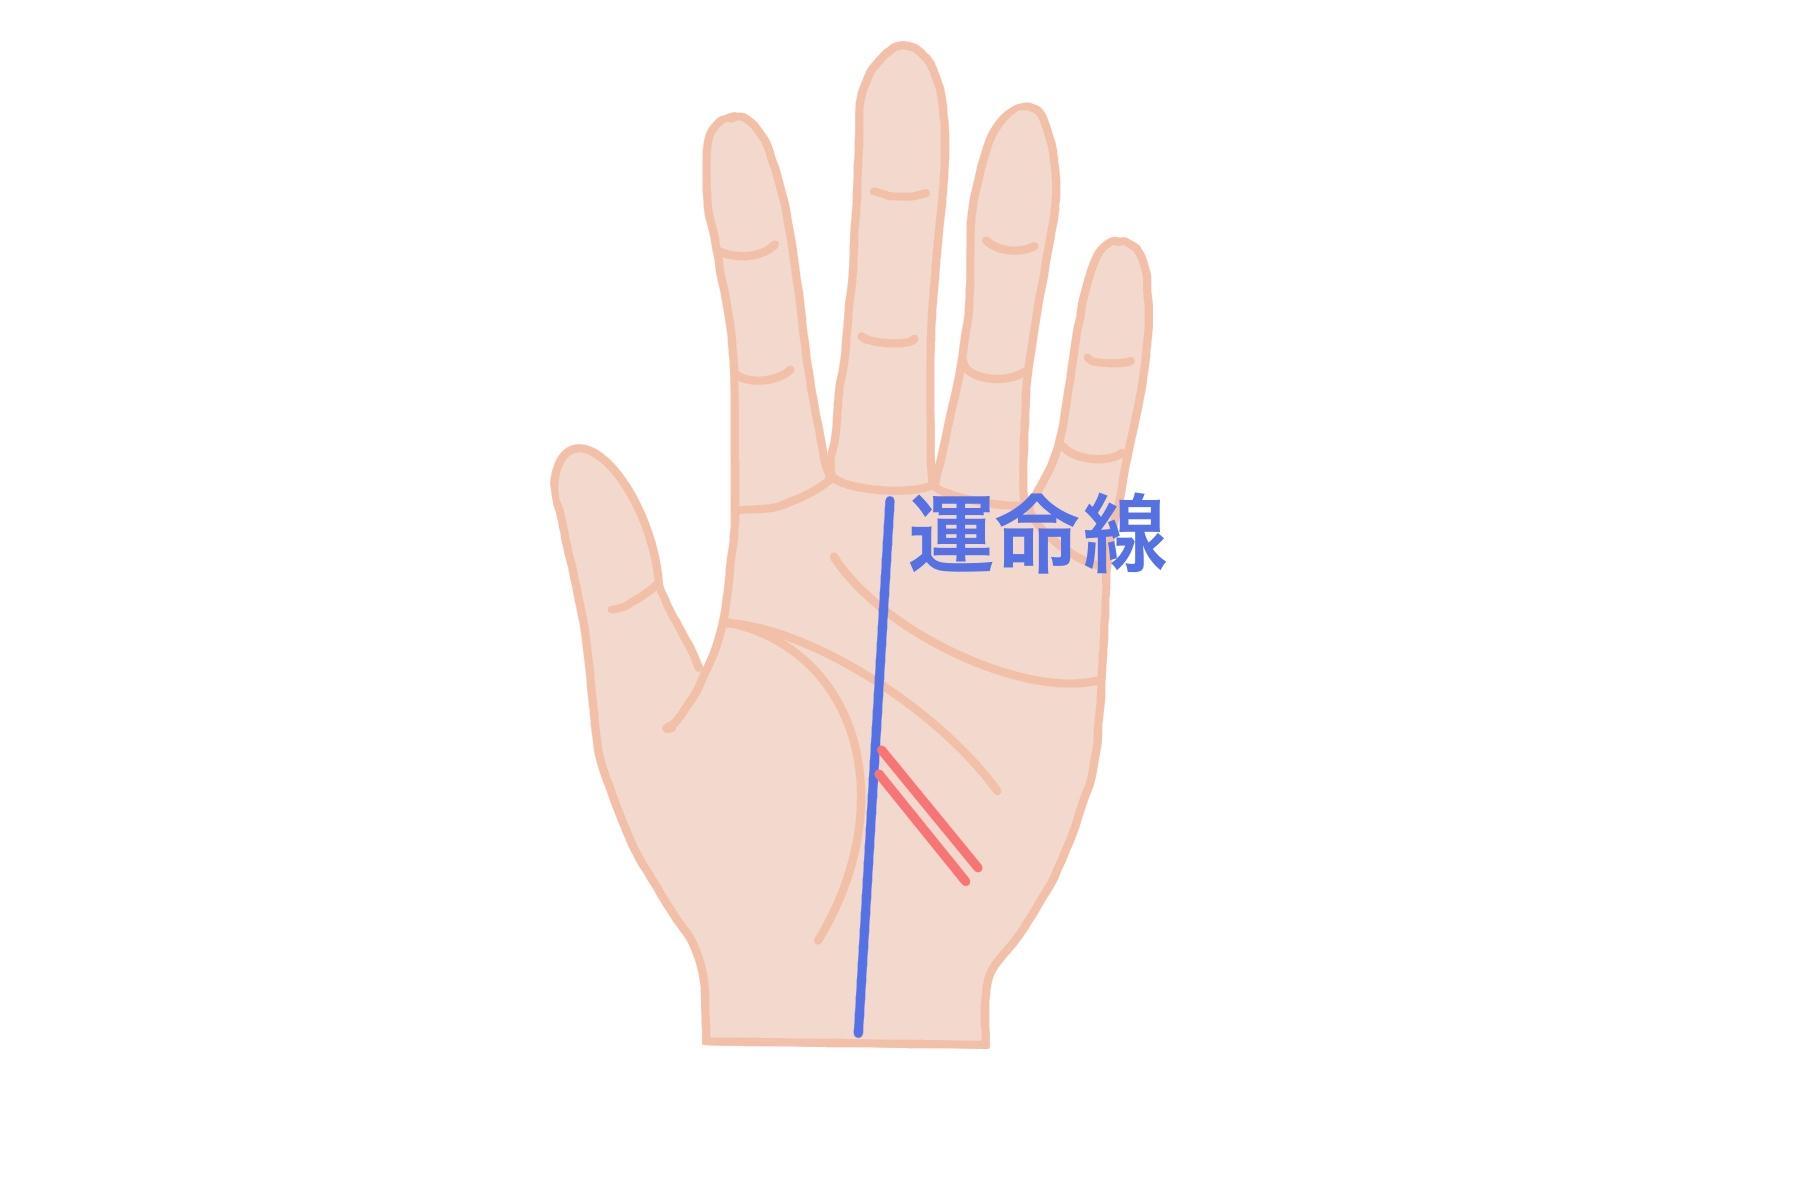 影響線:二重線